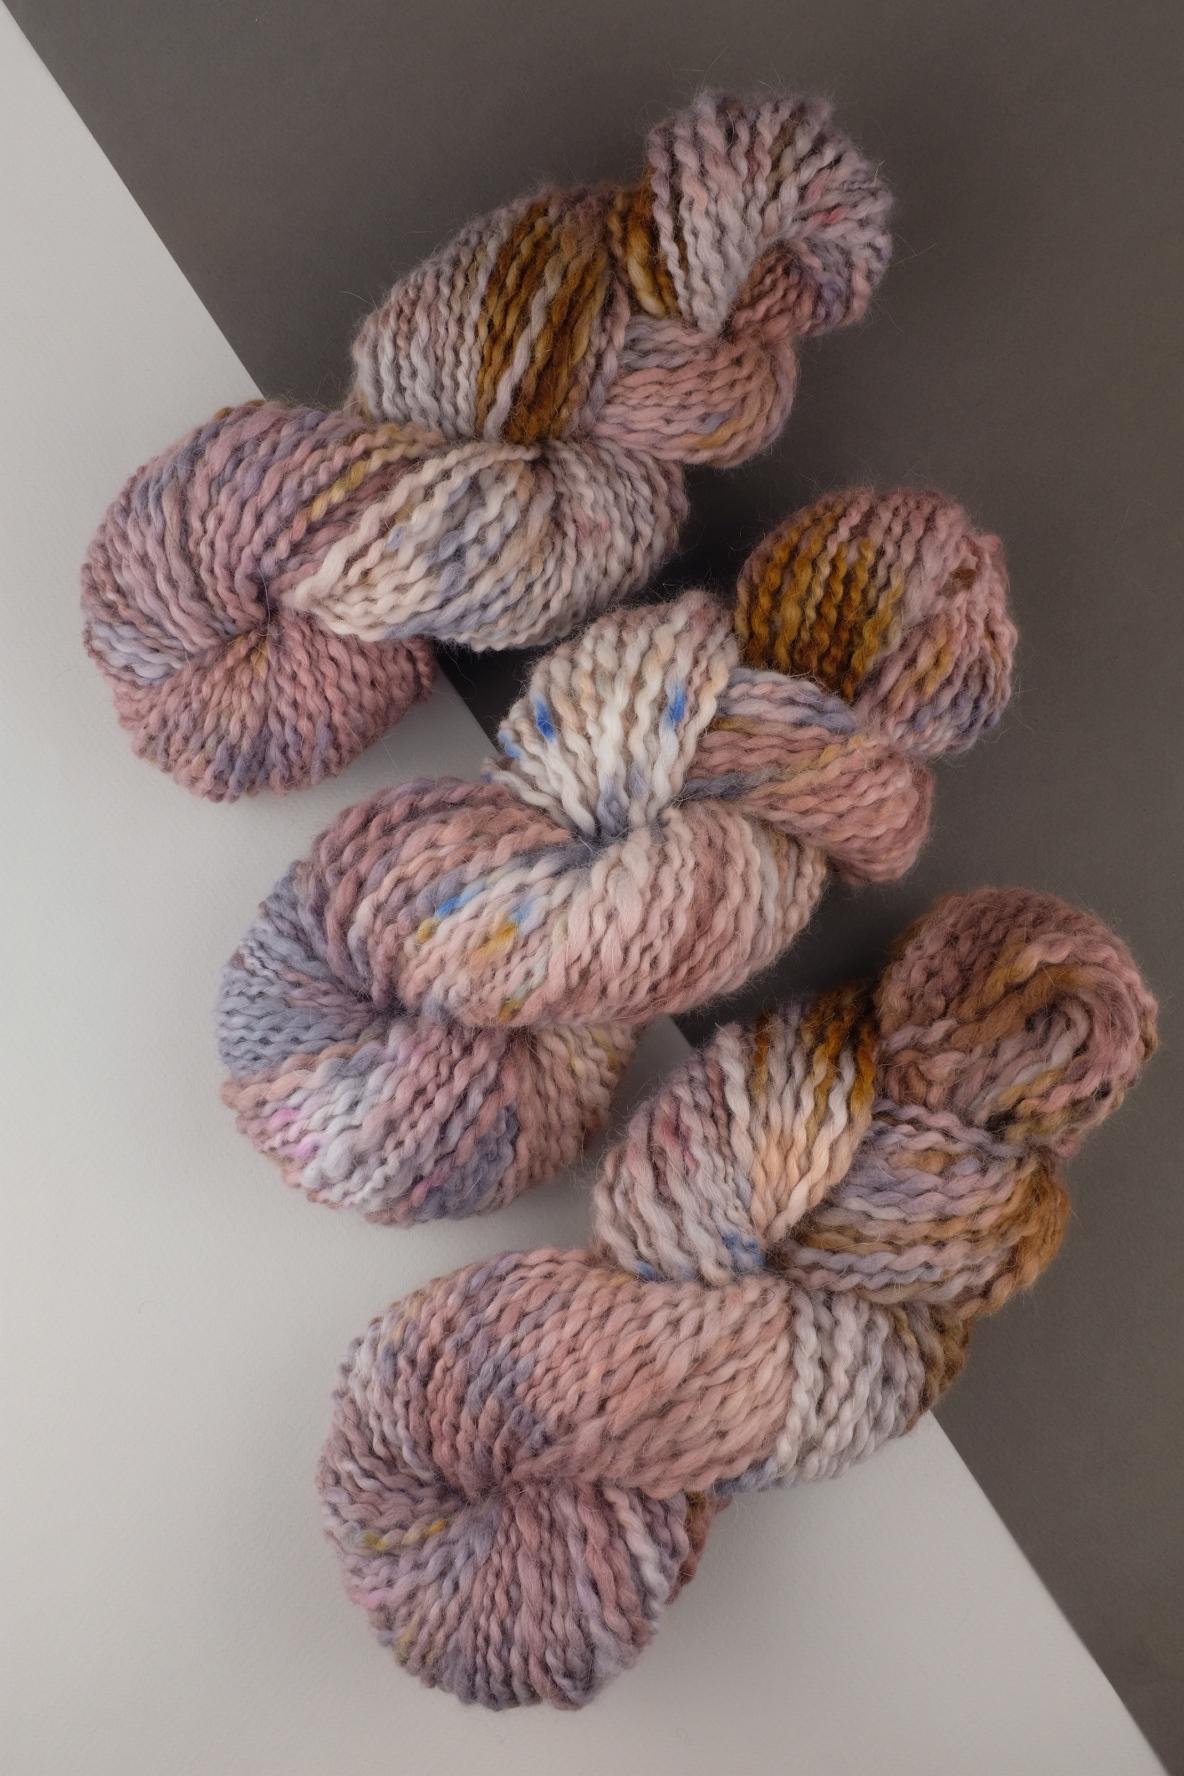 Пряжа ангора ручного прядения и секционного окрашивания, цвет бежевая, розовая меланж